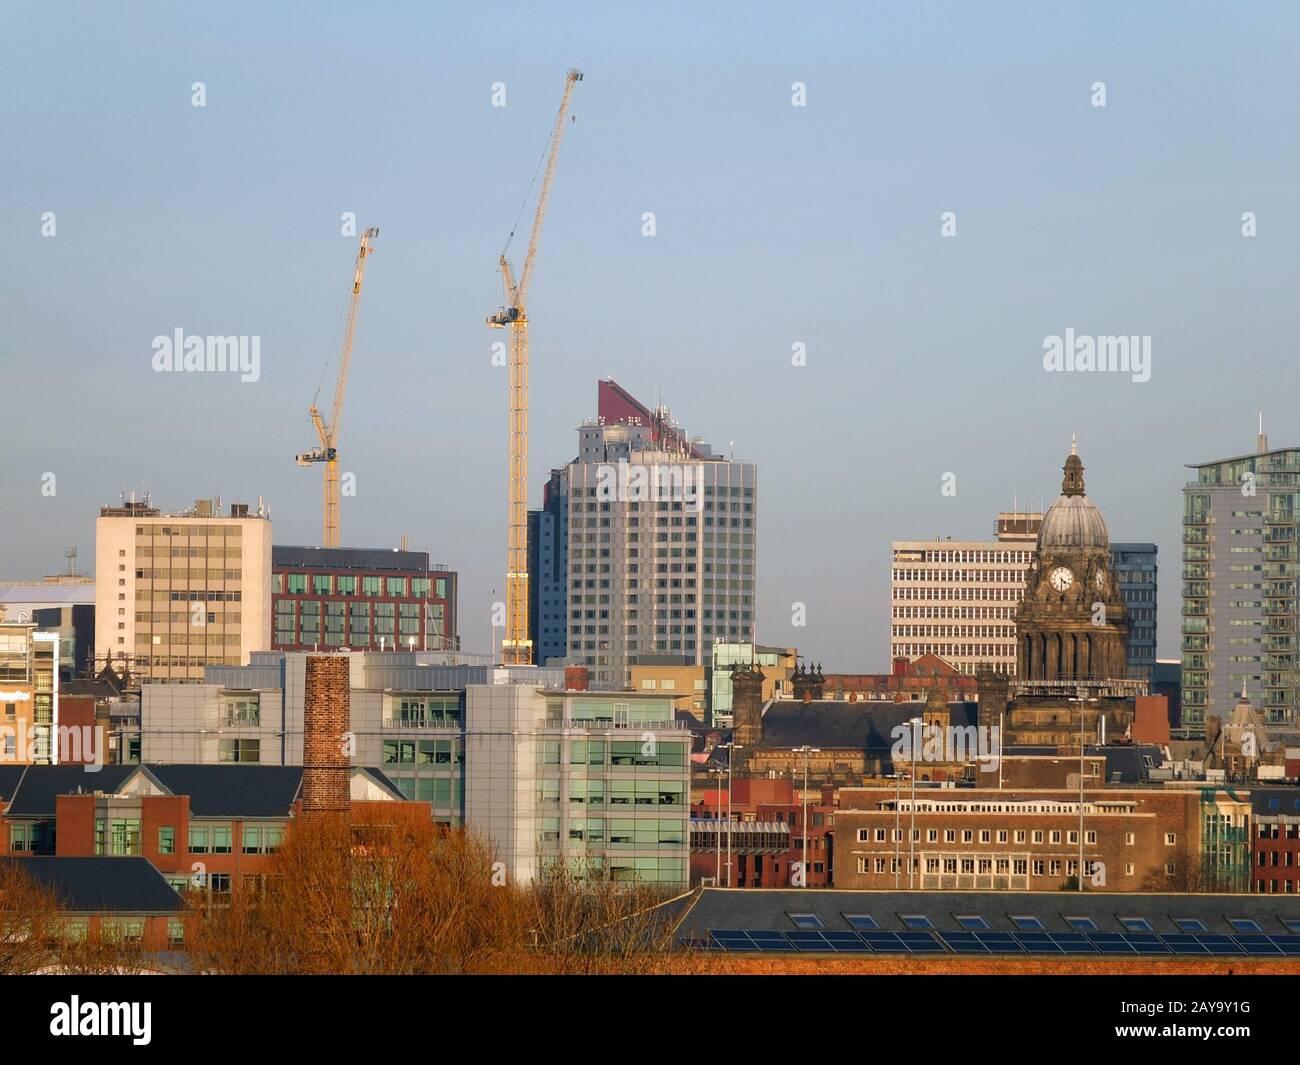 Una vista panorámica de la ciudad de leeds que muestra los edificios modernos del ayuntamiento y las grúas de construcción Foto de stock